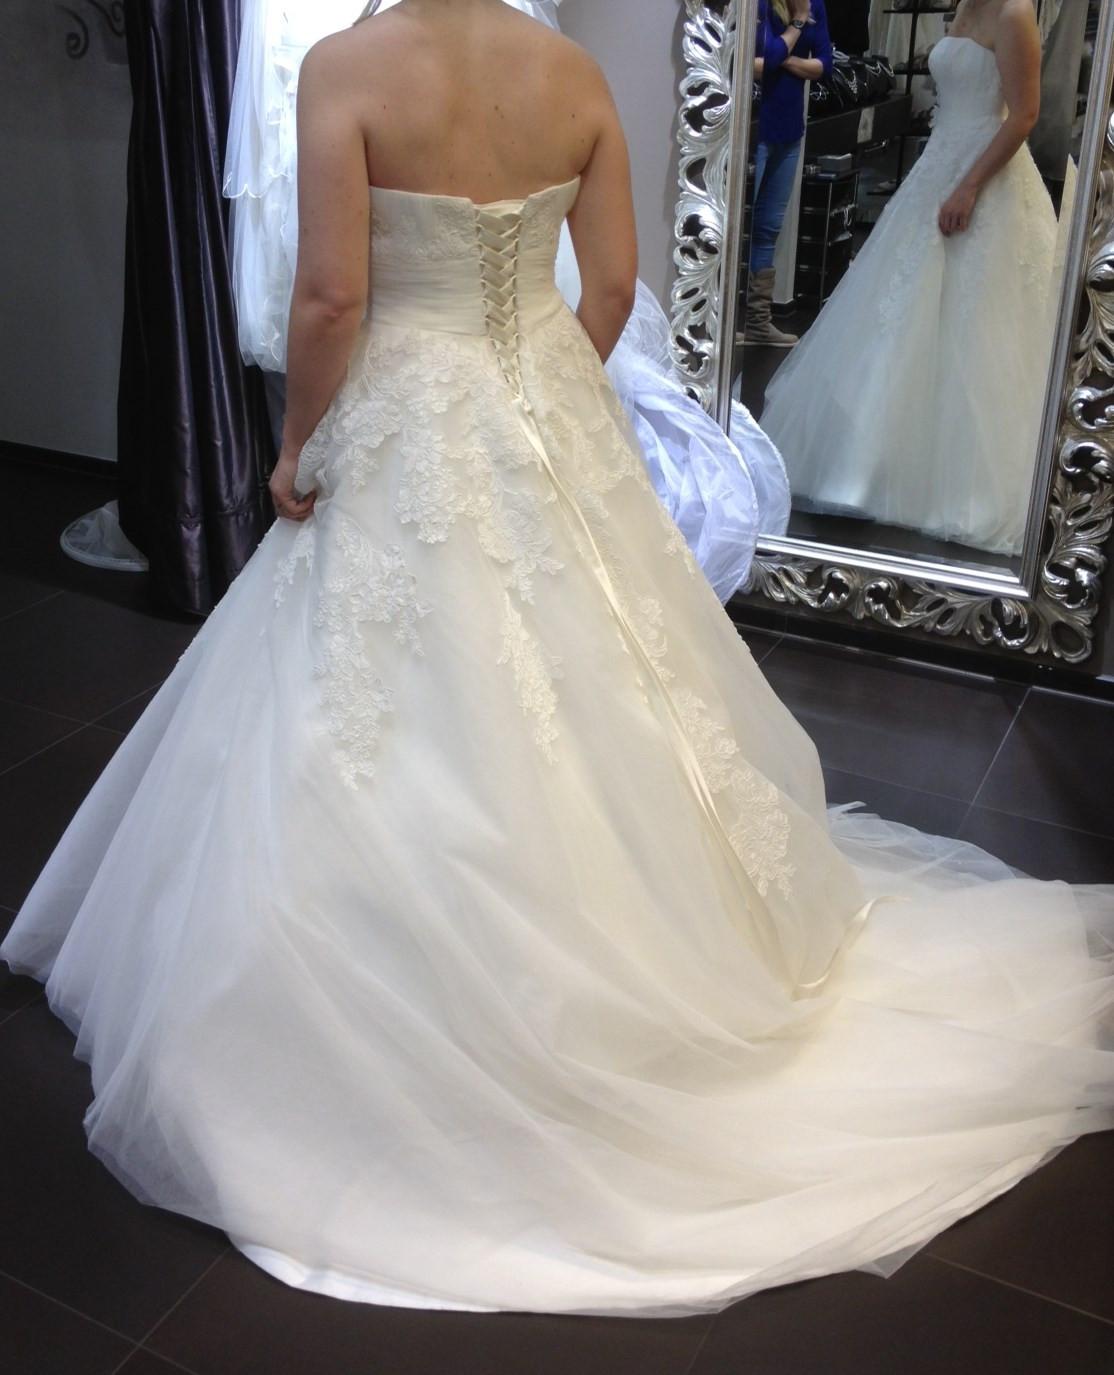 Hochzeitskleid Stuttgart  Brautkleid gebraucht verkaufen stuttgart – Dein neuer